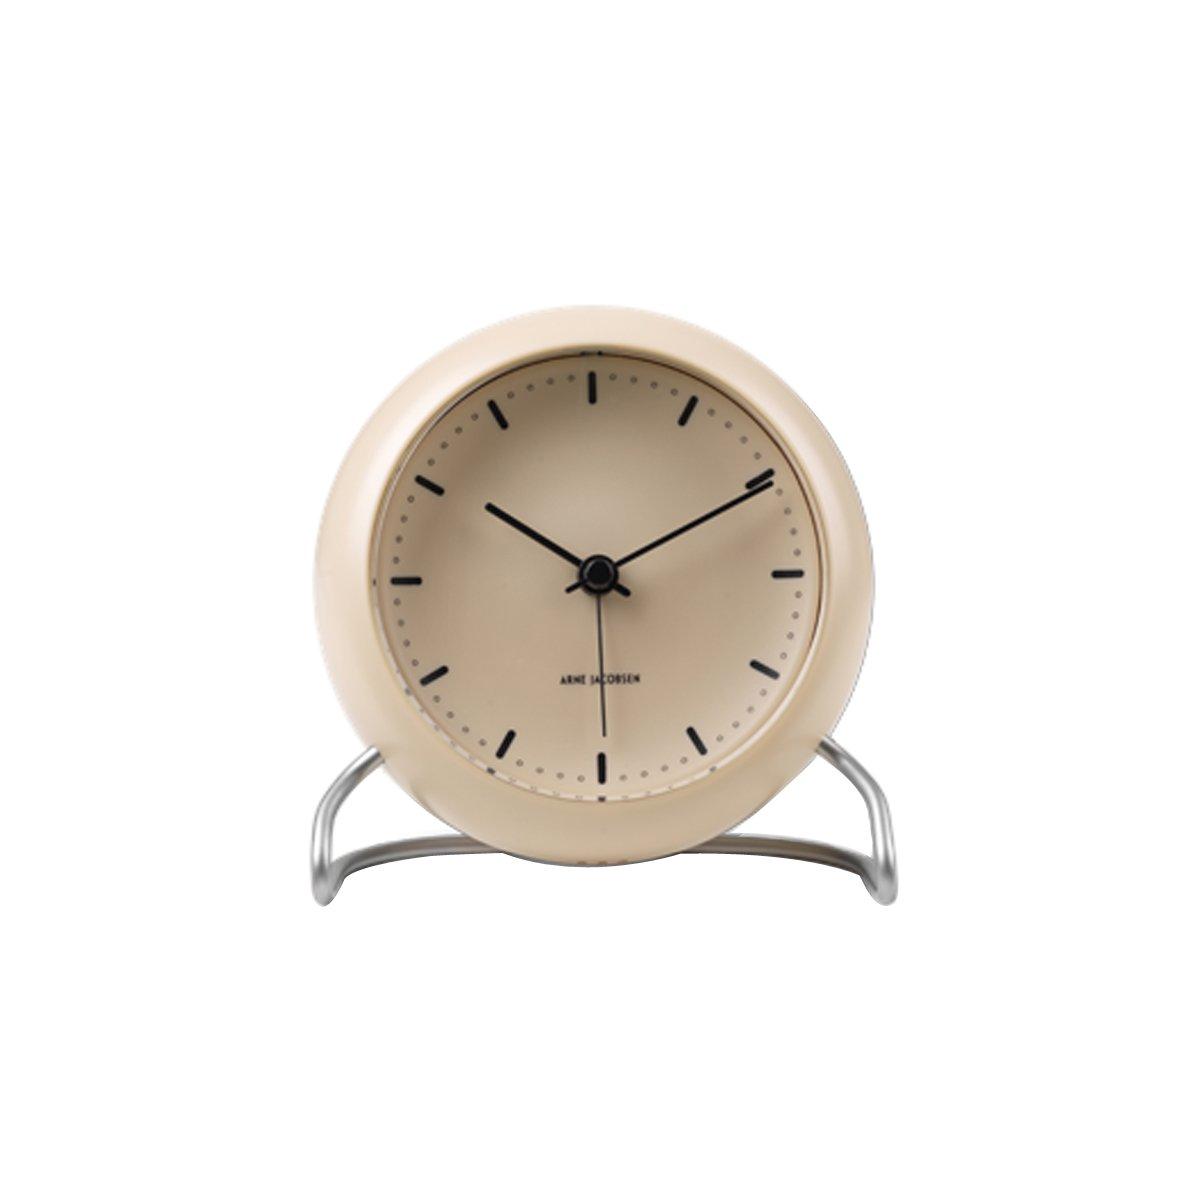 Arne Jacobsen - City Hall Table Clock - Sand (43693)